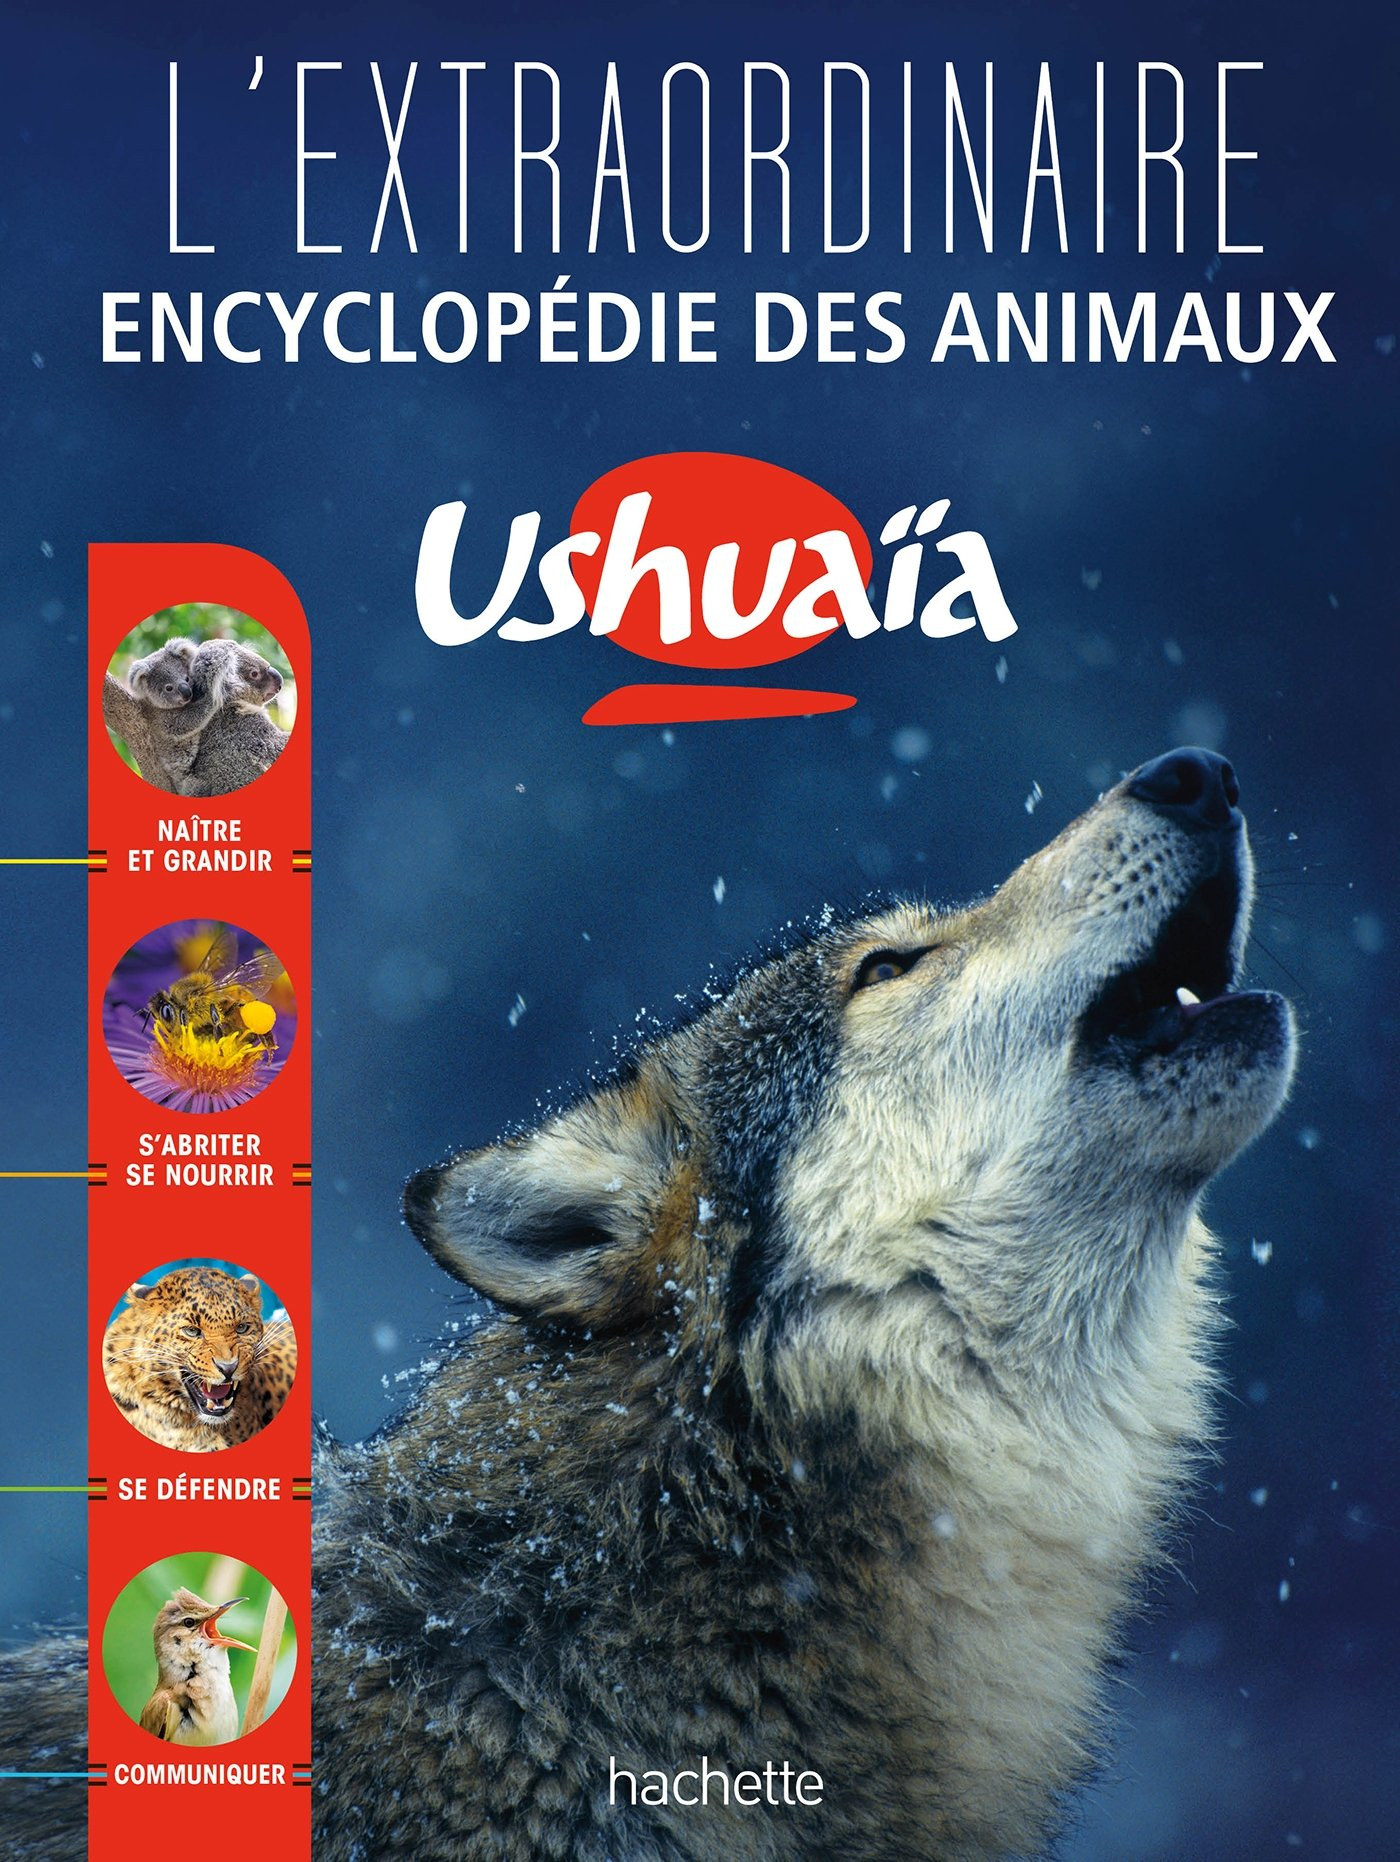 L'Extraordinaire encyclopédie Ushuaïa des animaux Relié – 12 octobre 2016 Collectif Hachette Éducation 2012903797 Ouvrage de référence